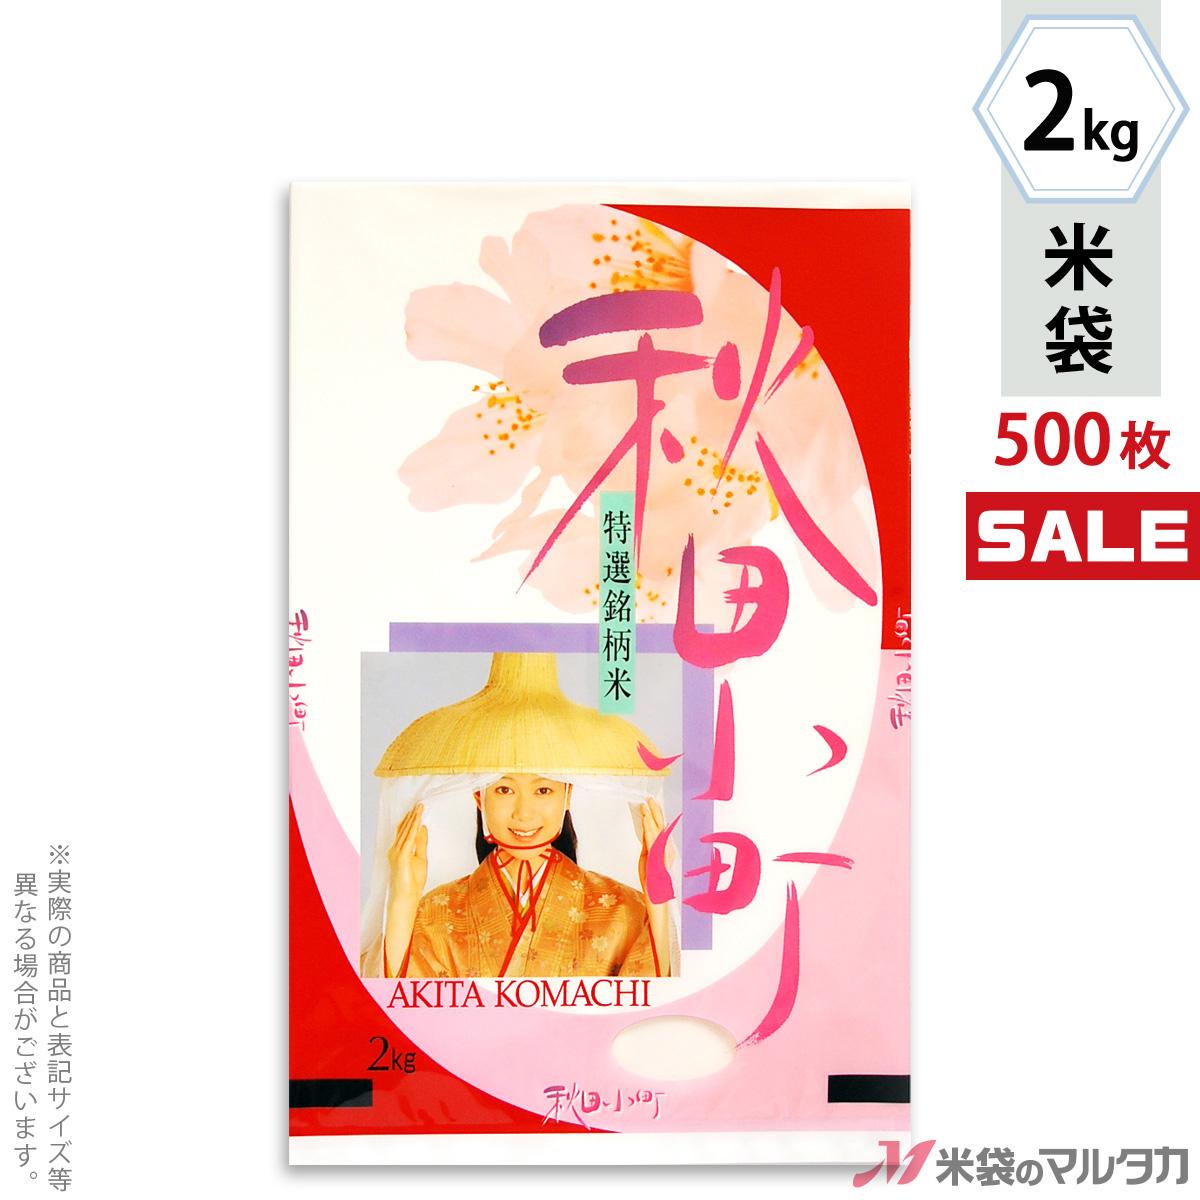 <キャンペーン対応>米袋 ラミ センターシール 秋田小町 あけぼの 2kg 1ケース(500枚入) SN-2100